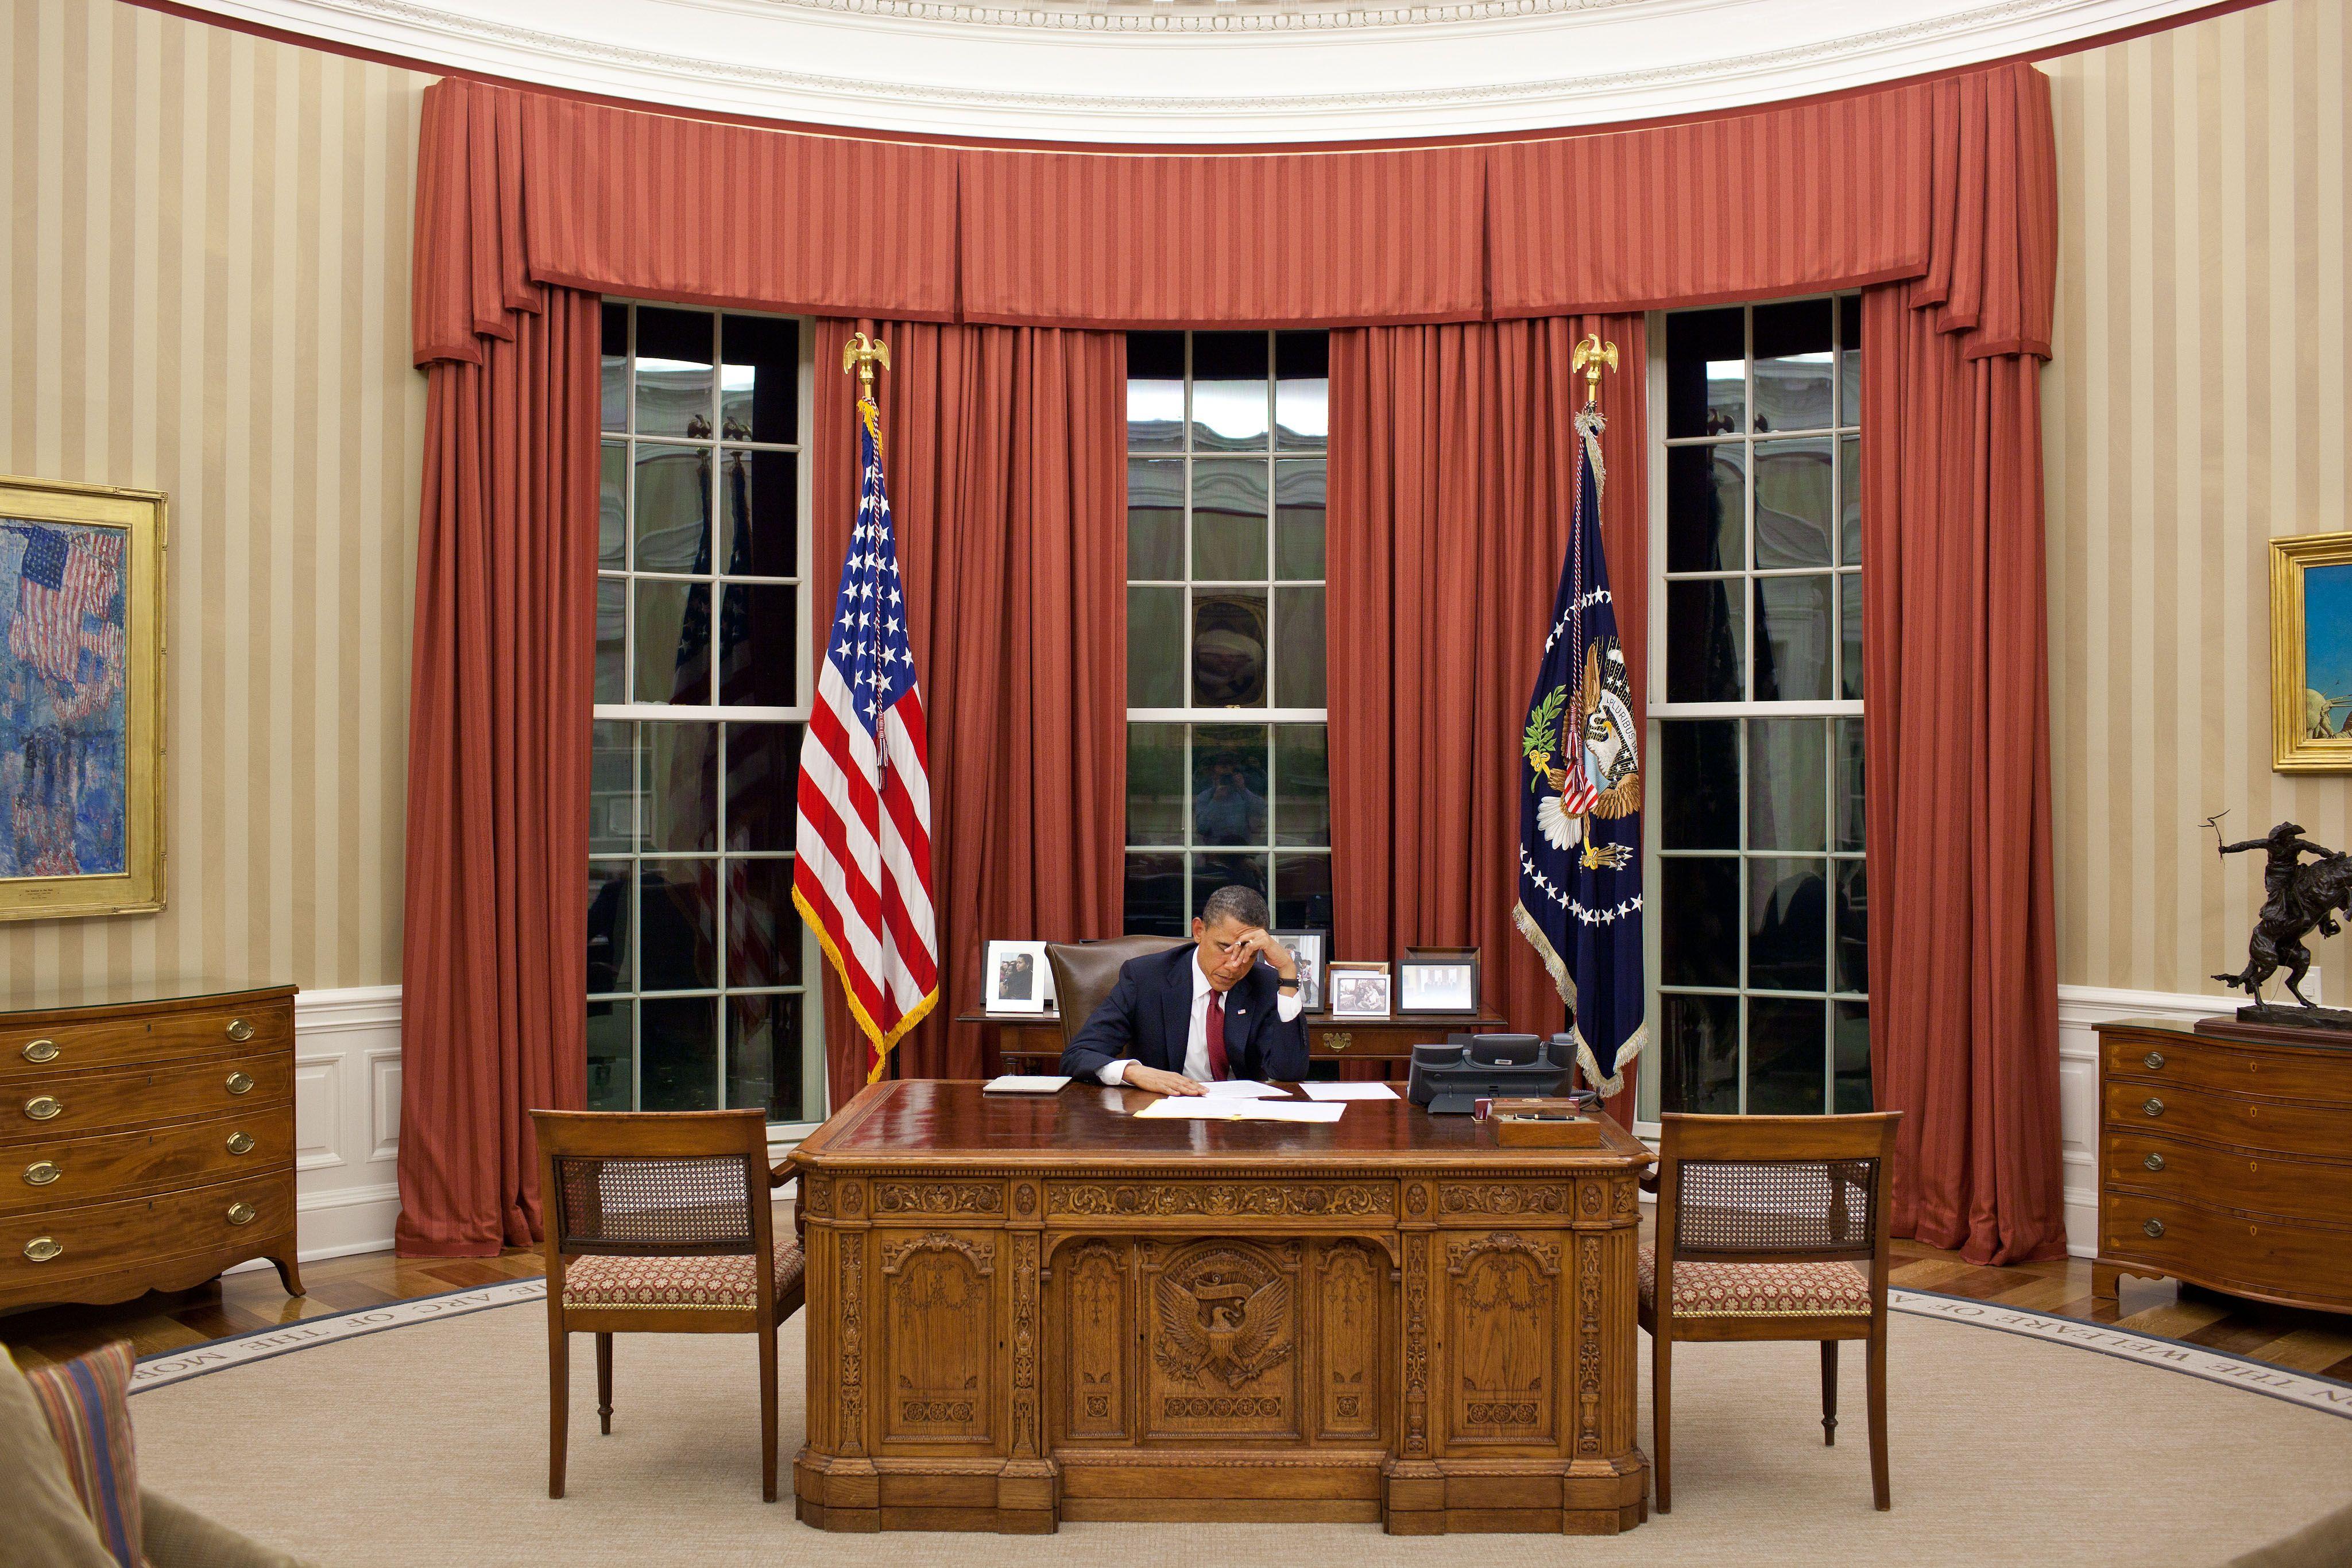 Obamas oval office White House Pinterest Osama bin laden